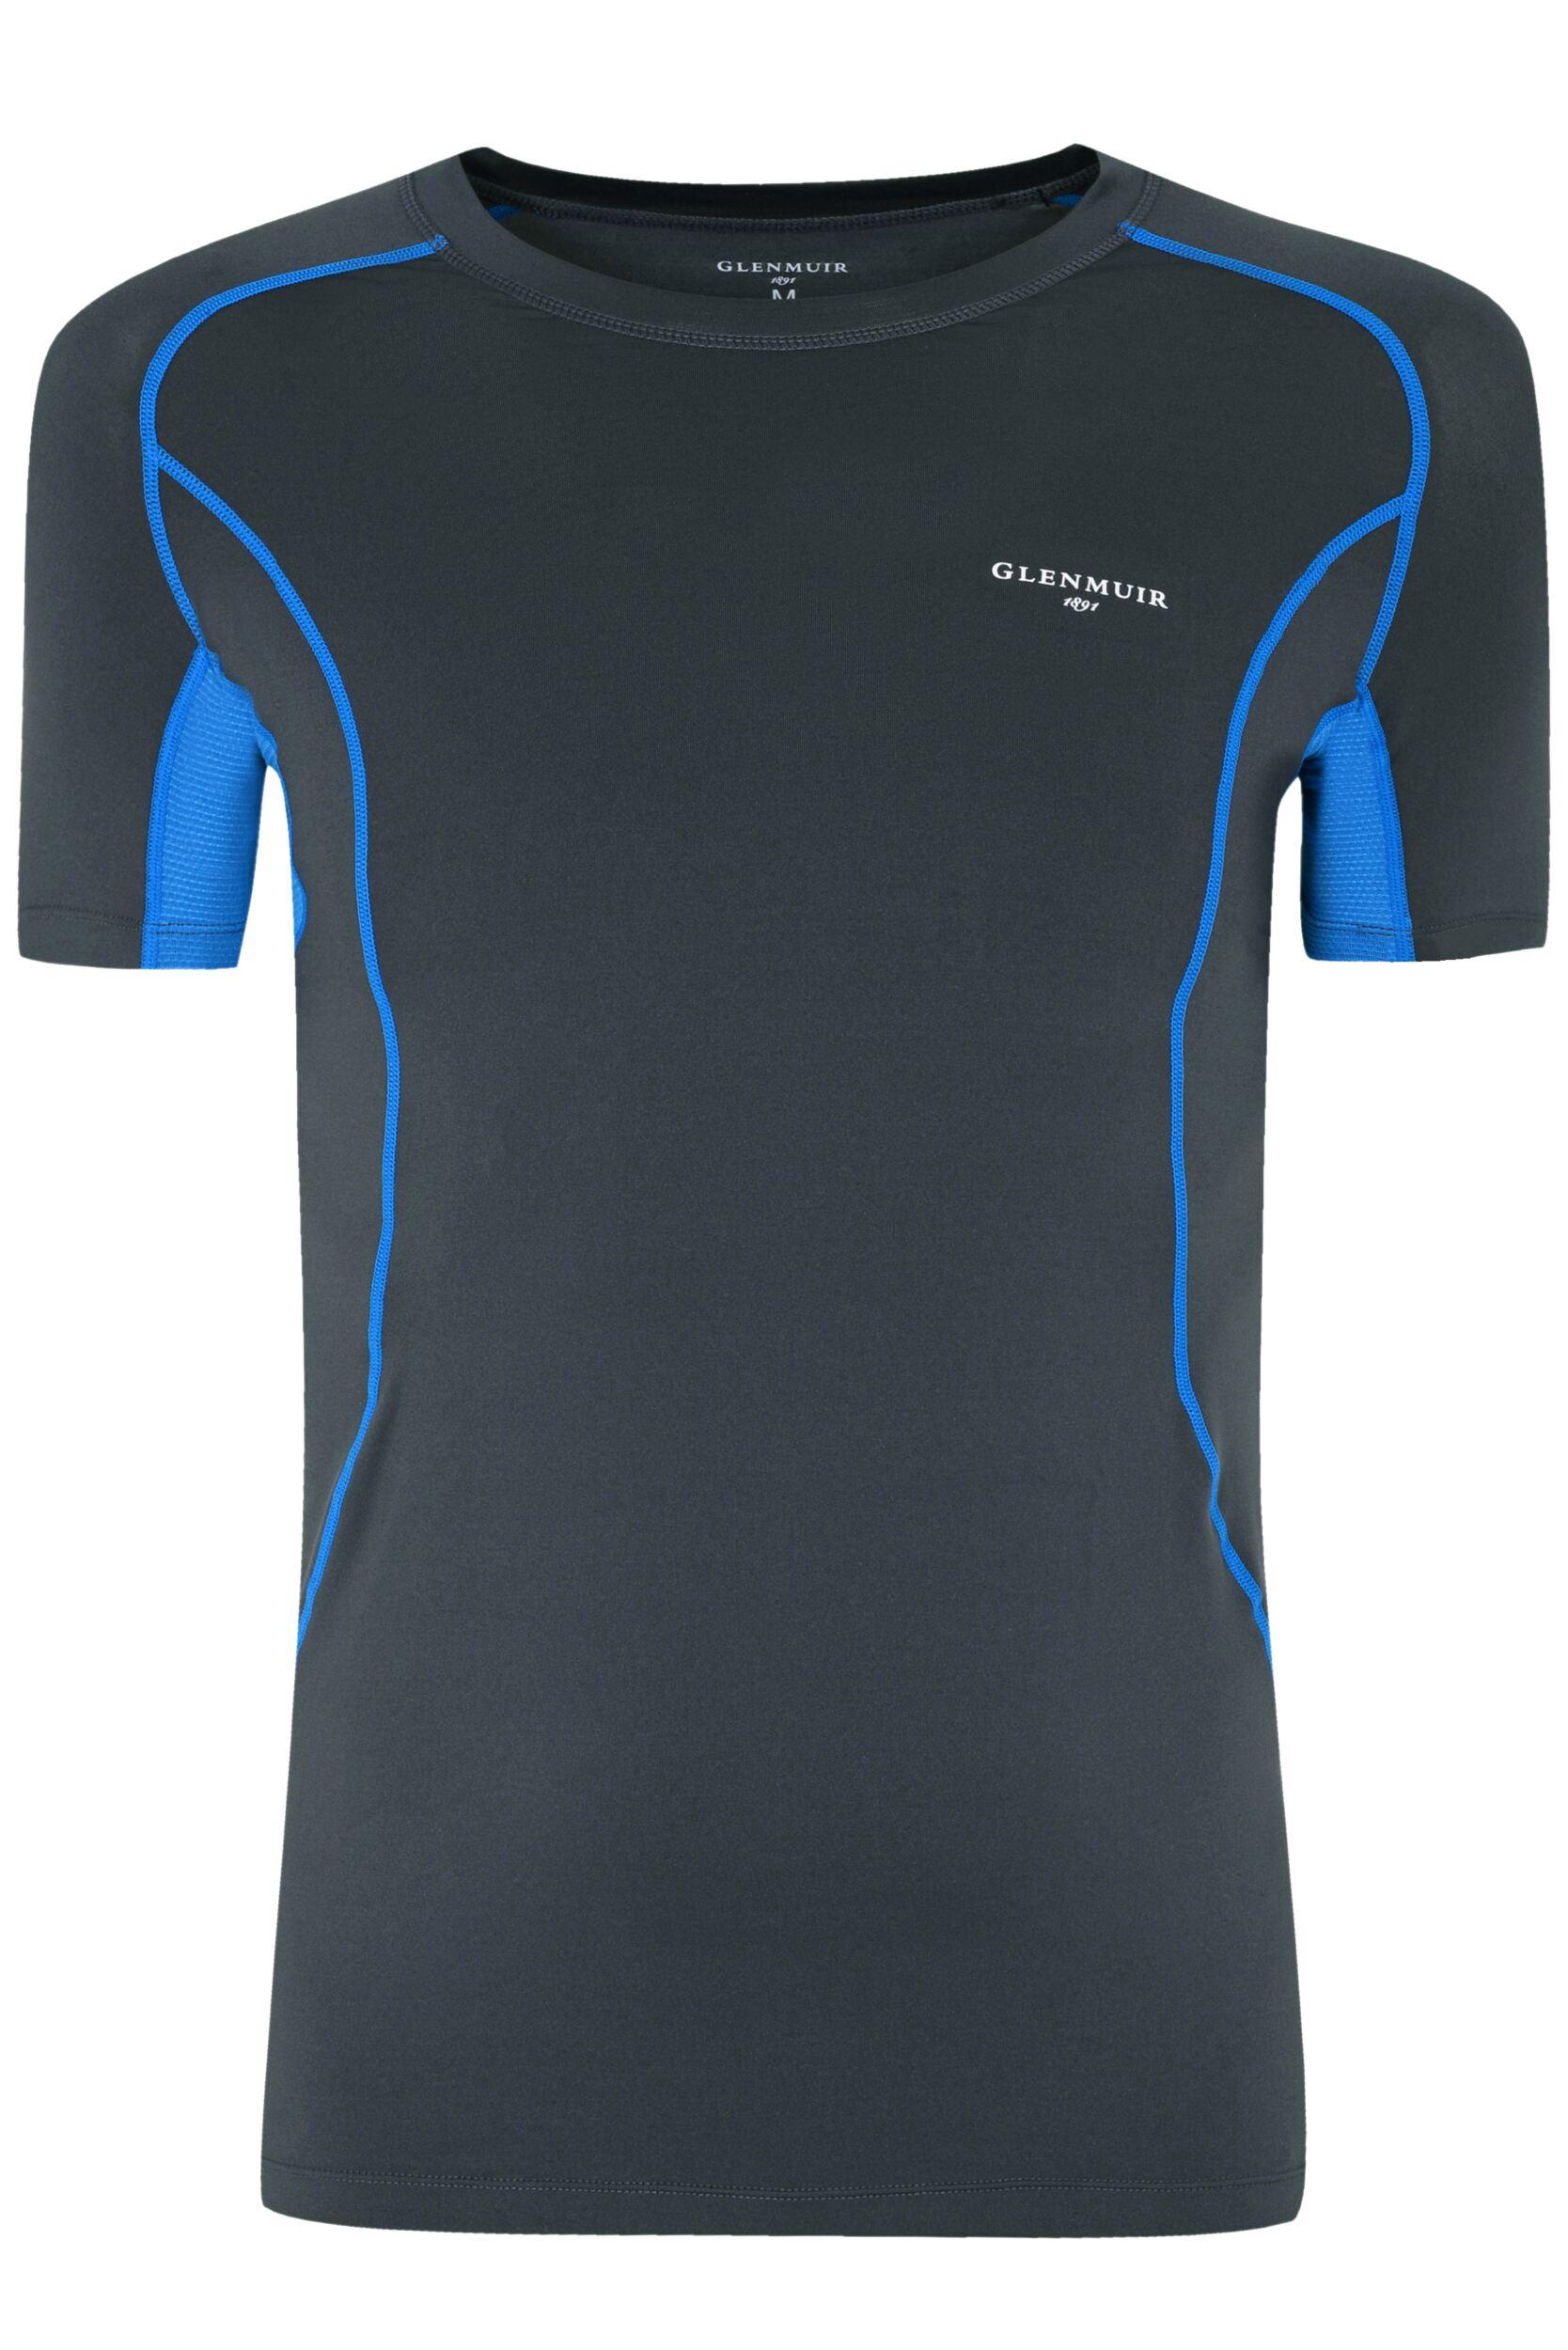 Image of Mens 1 Pack Glenmuir Short Sleeved Compression Base Layer T-Shirt